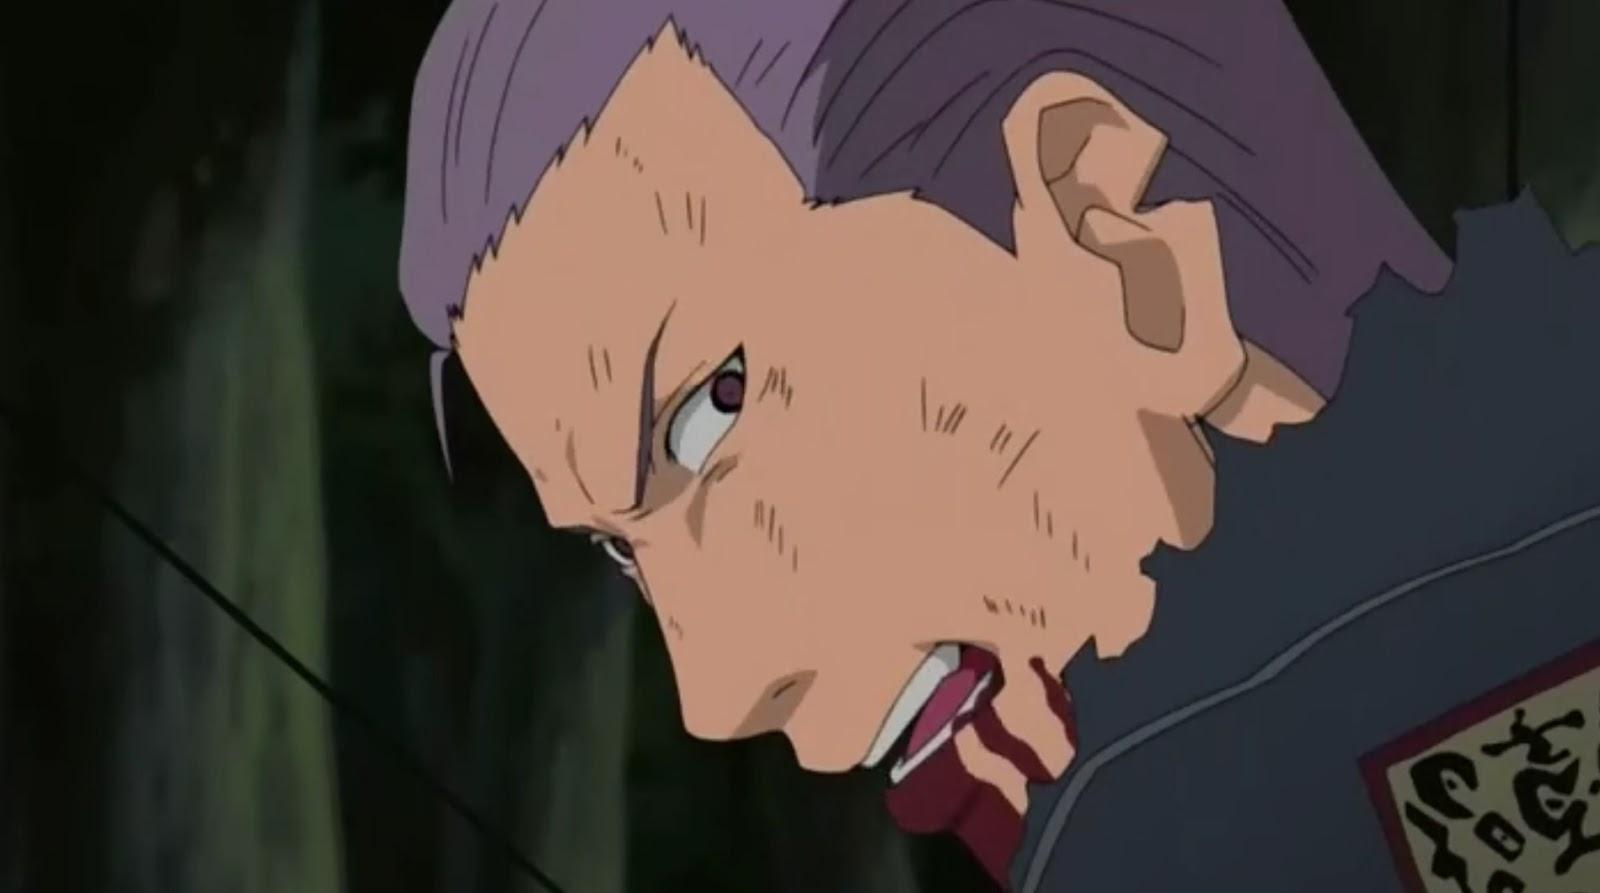 Naruto Shippuden Episódio 86-87, Naruto Shippuden Episódio 86-87, Assistir Naruto Shippuden Todos os Episódios Legendado, Naruto Shippuden episódio 86-87,HD